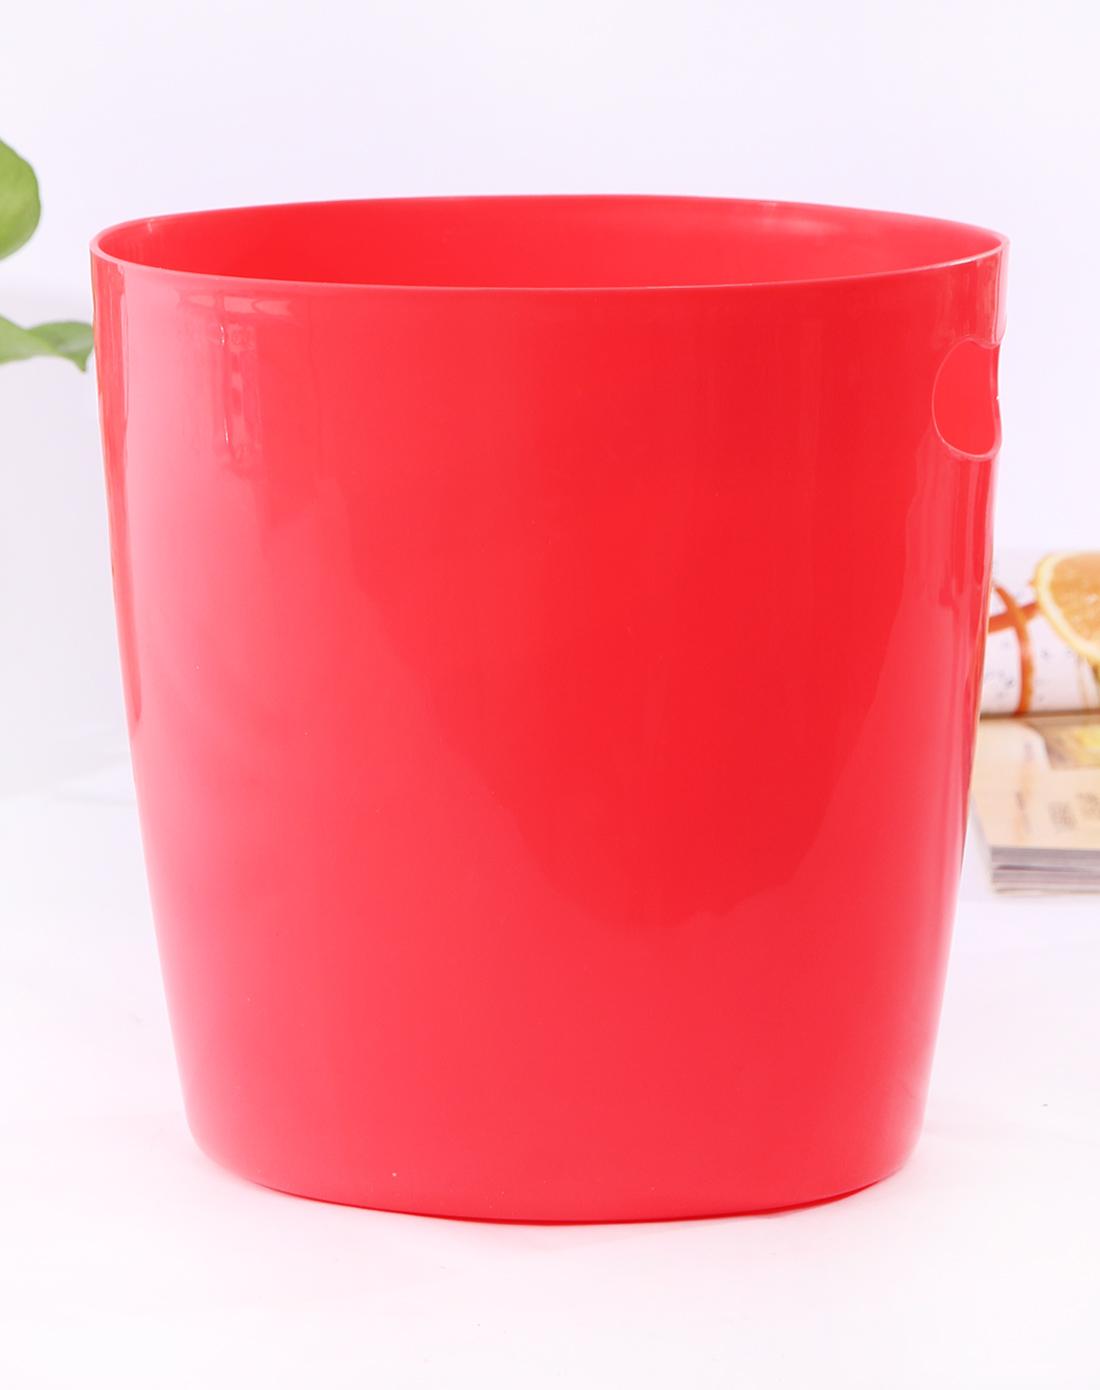 红色可爱笑脸桌面收纳桶